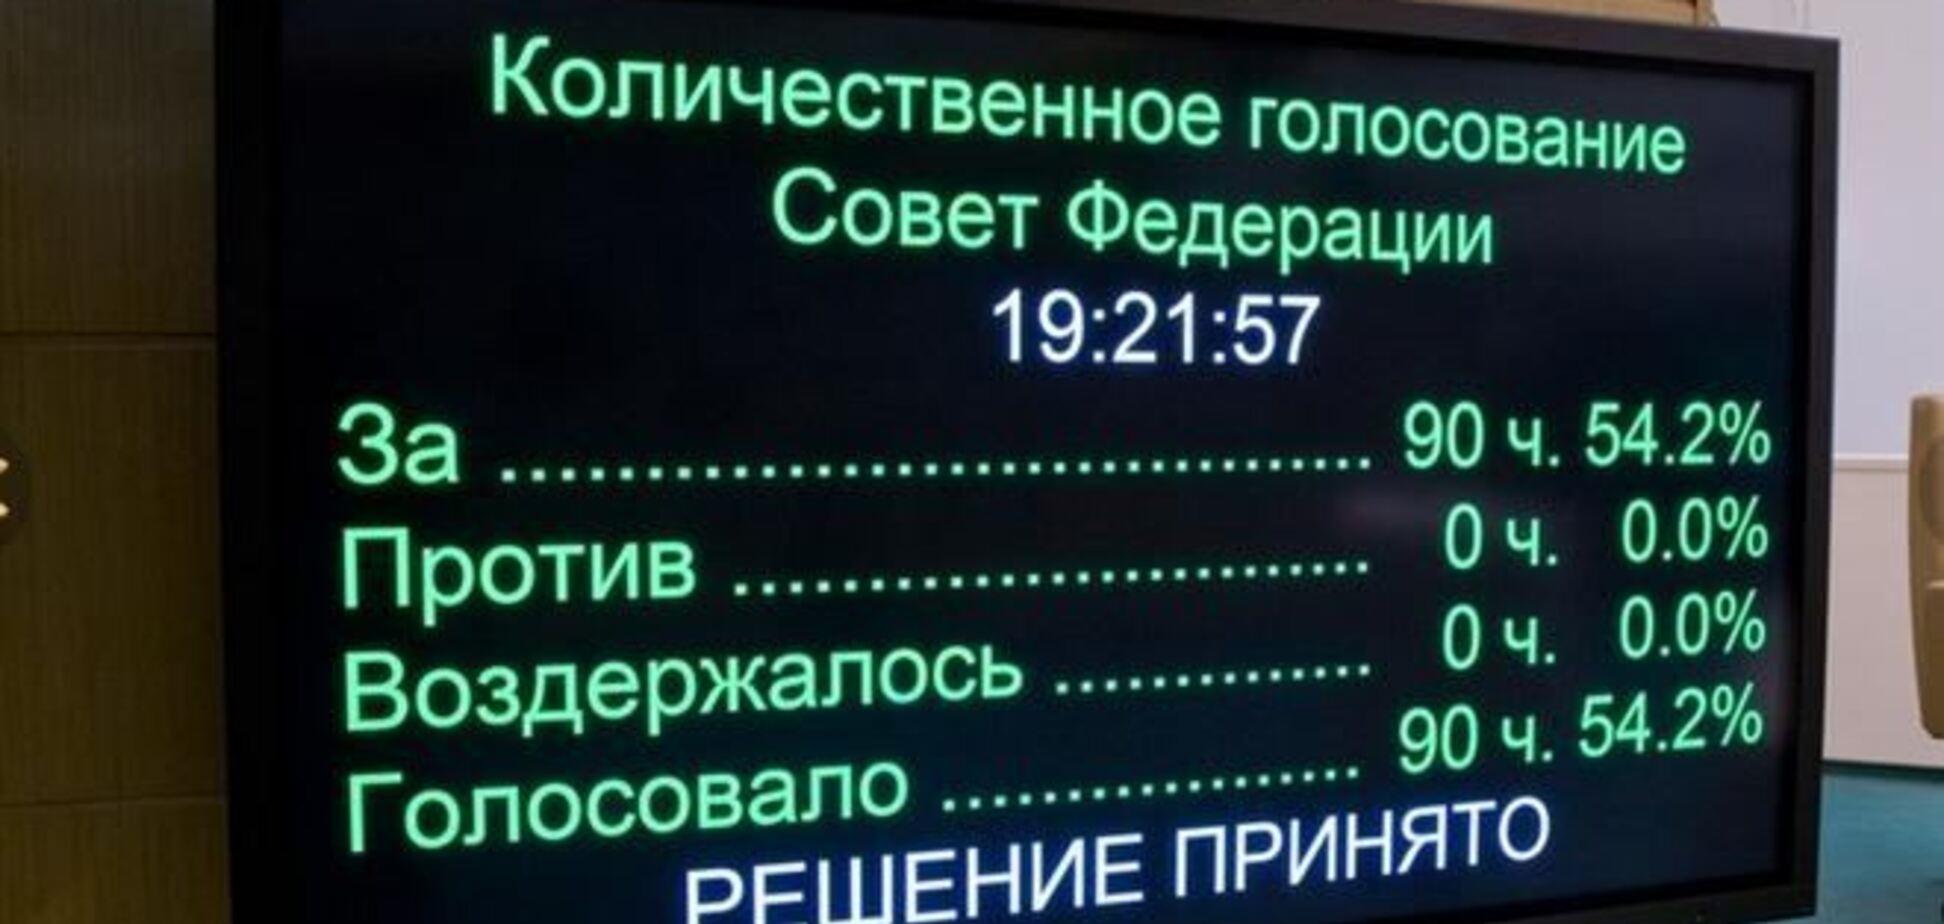 Список выходцев из Украины в Совете Федерации, предавших родину